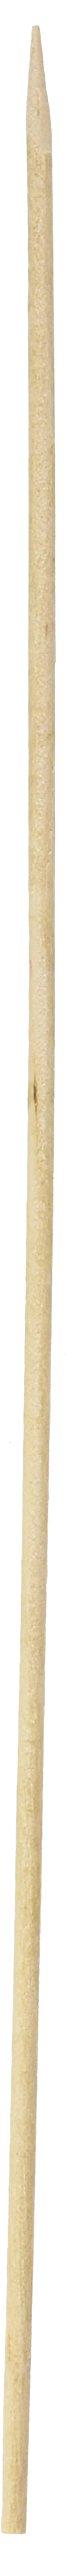 Paderno World Cuisine 48307-03 Wood Skewers (100 Pack), Beige